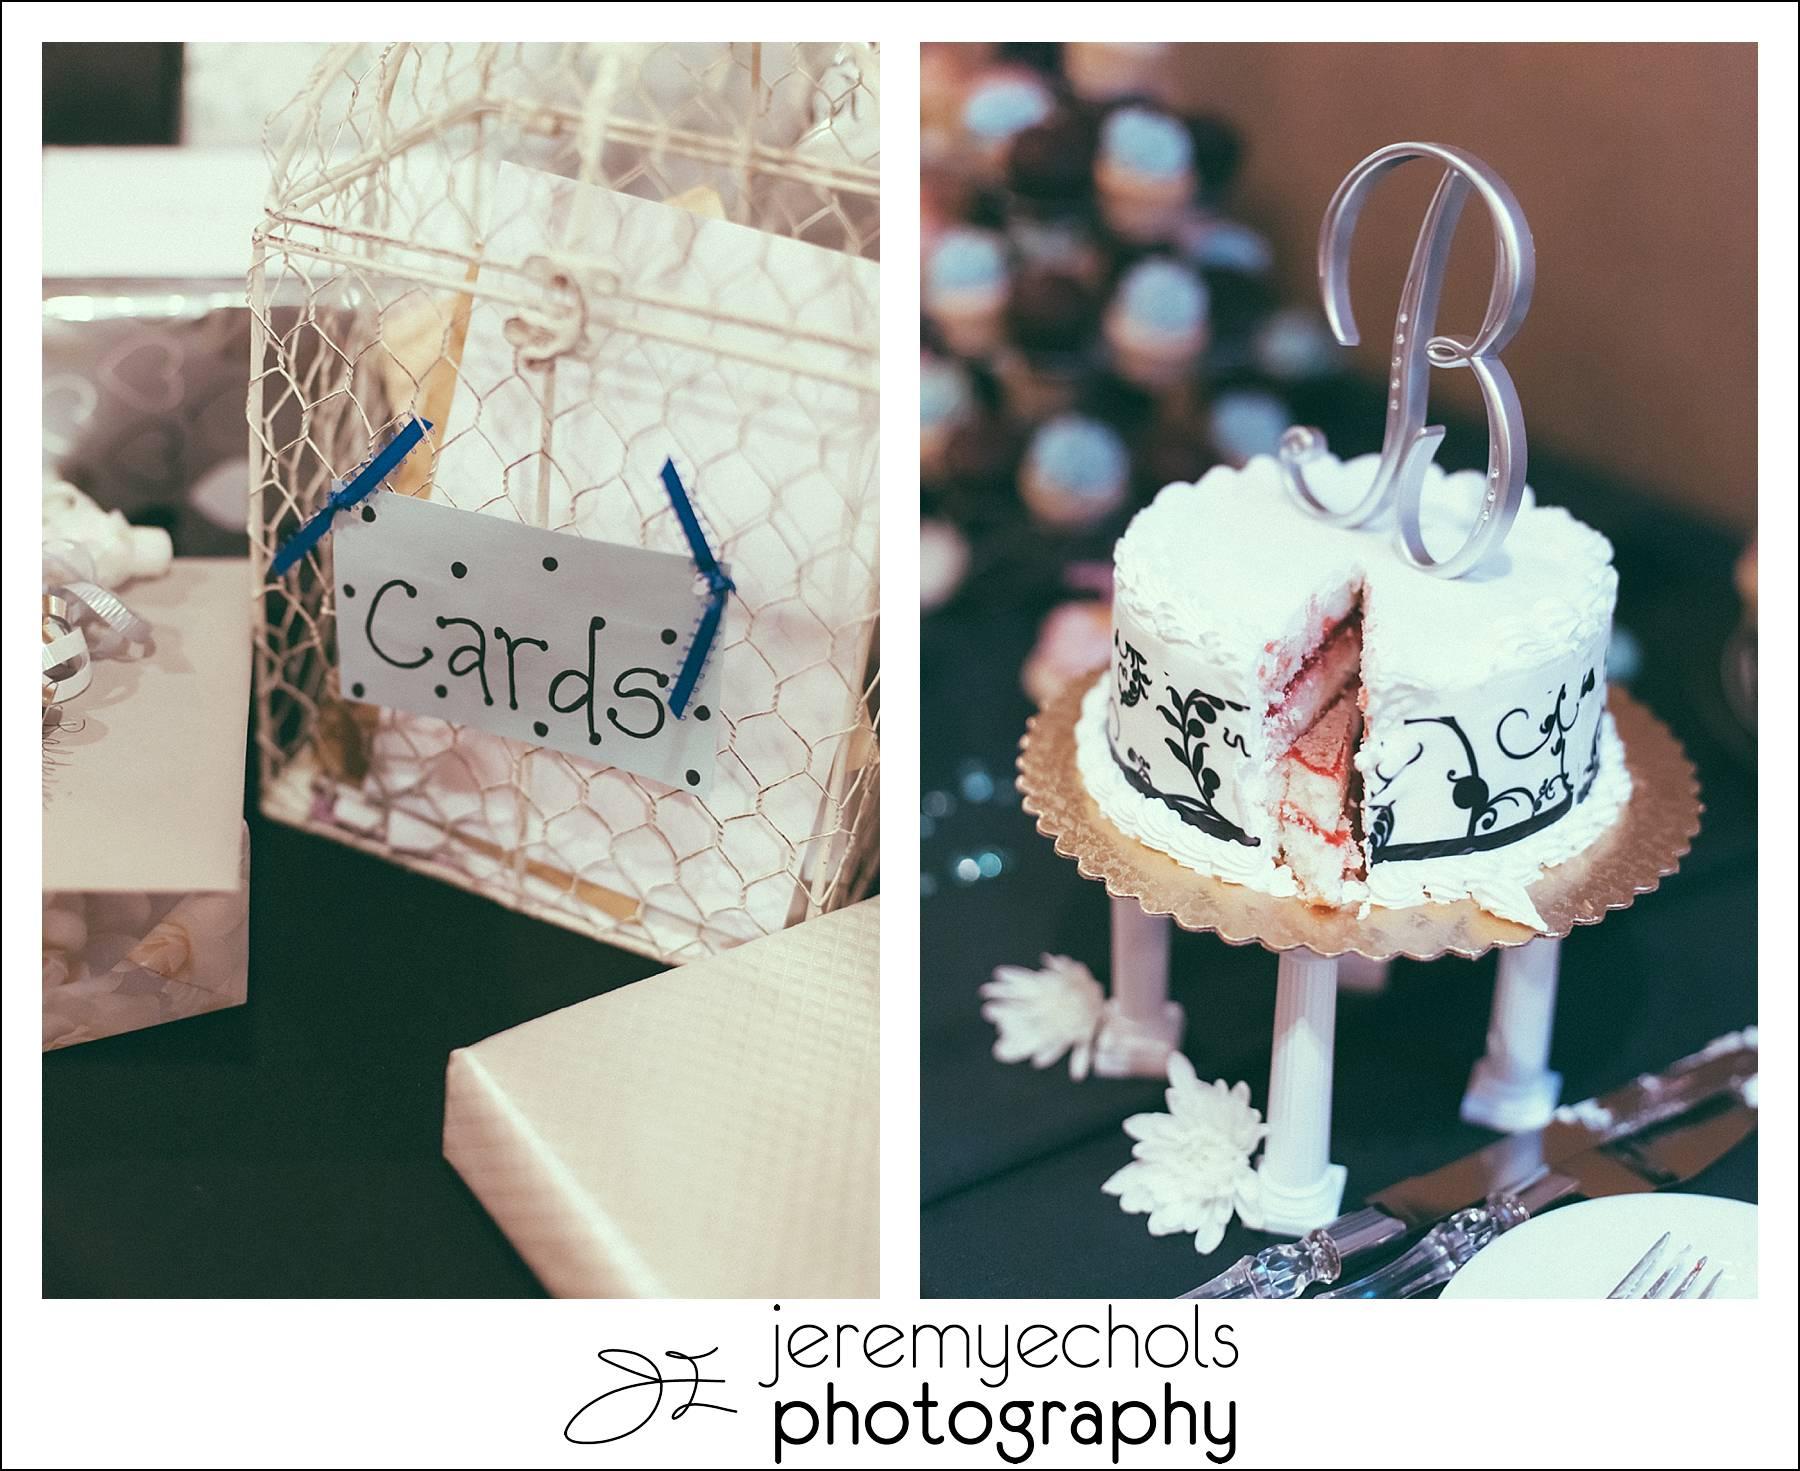 Marcus-Chelsea-Tacoma-Wedding-Photography-760_WEB.jpg